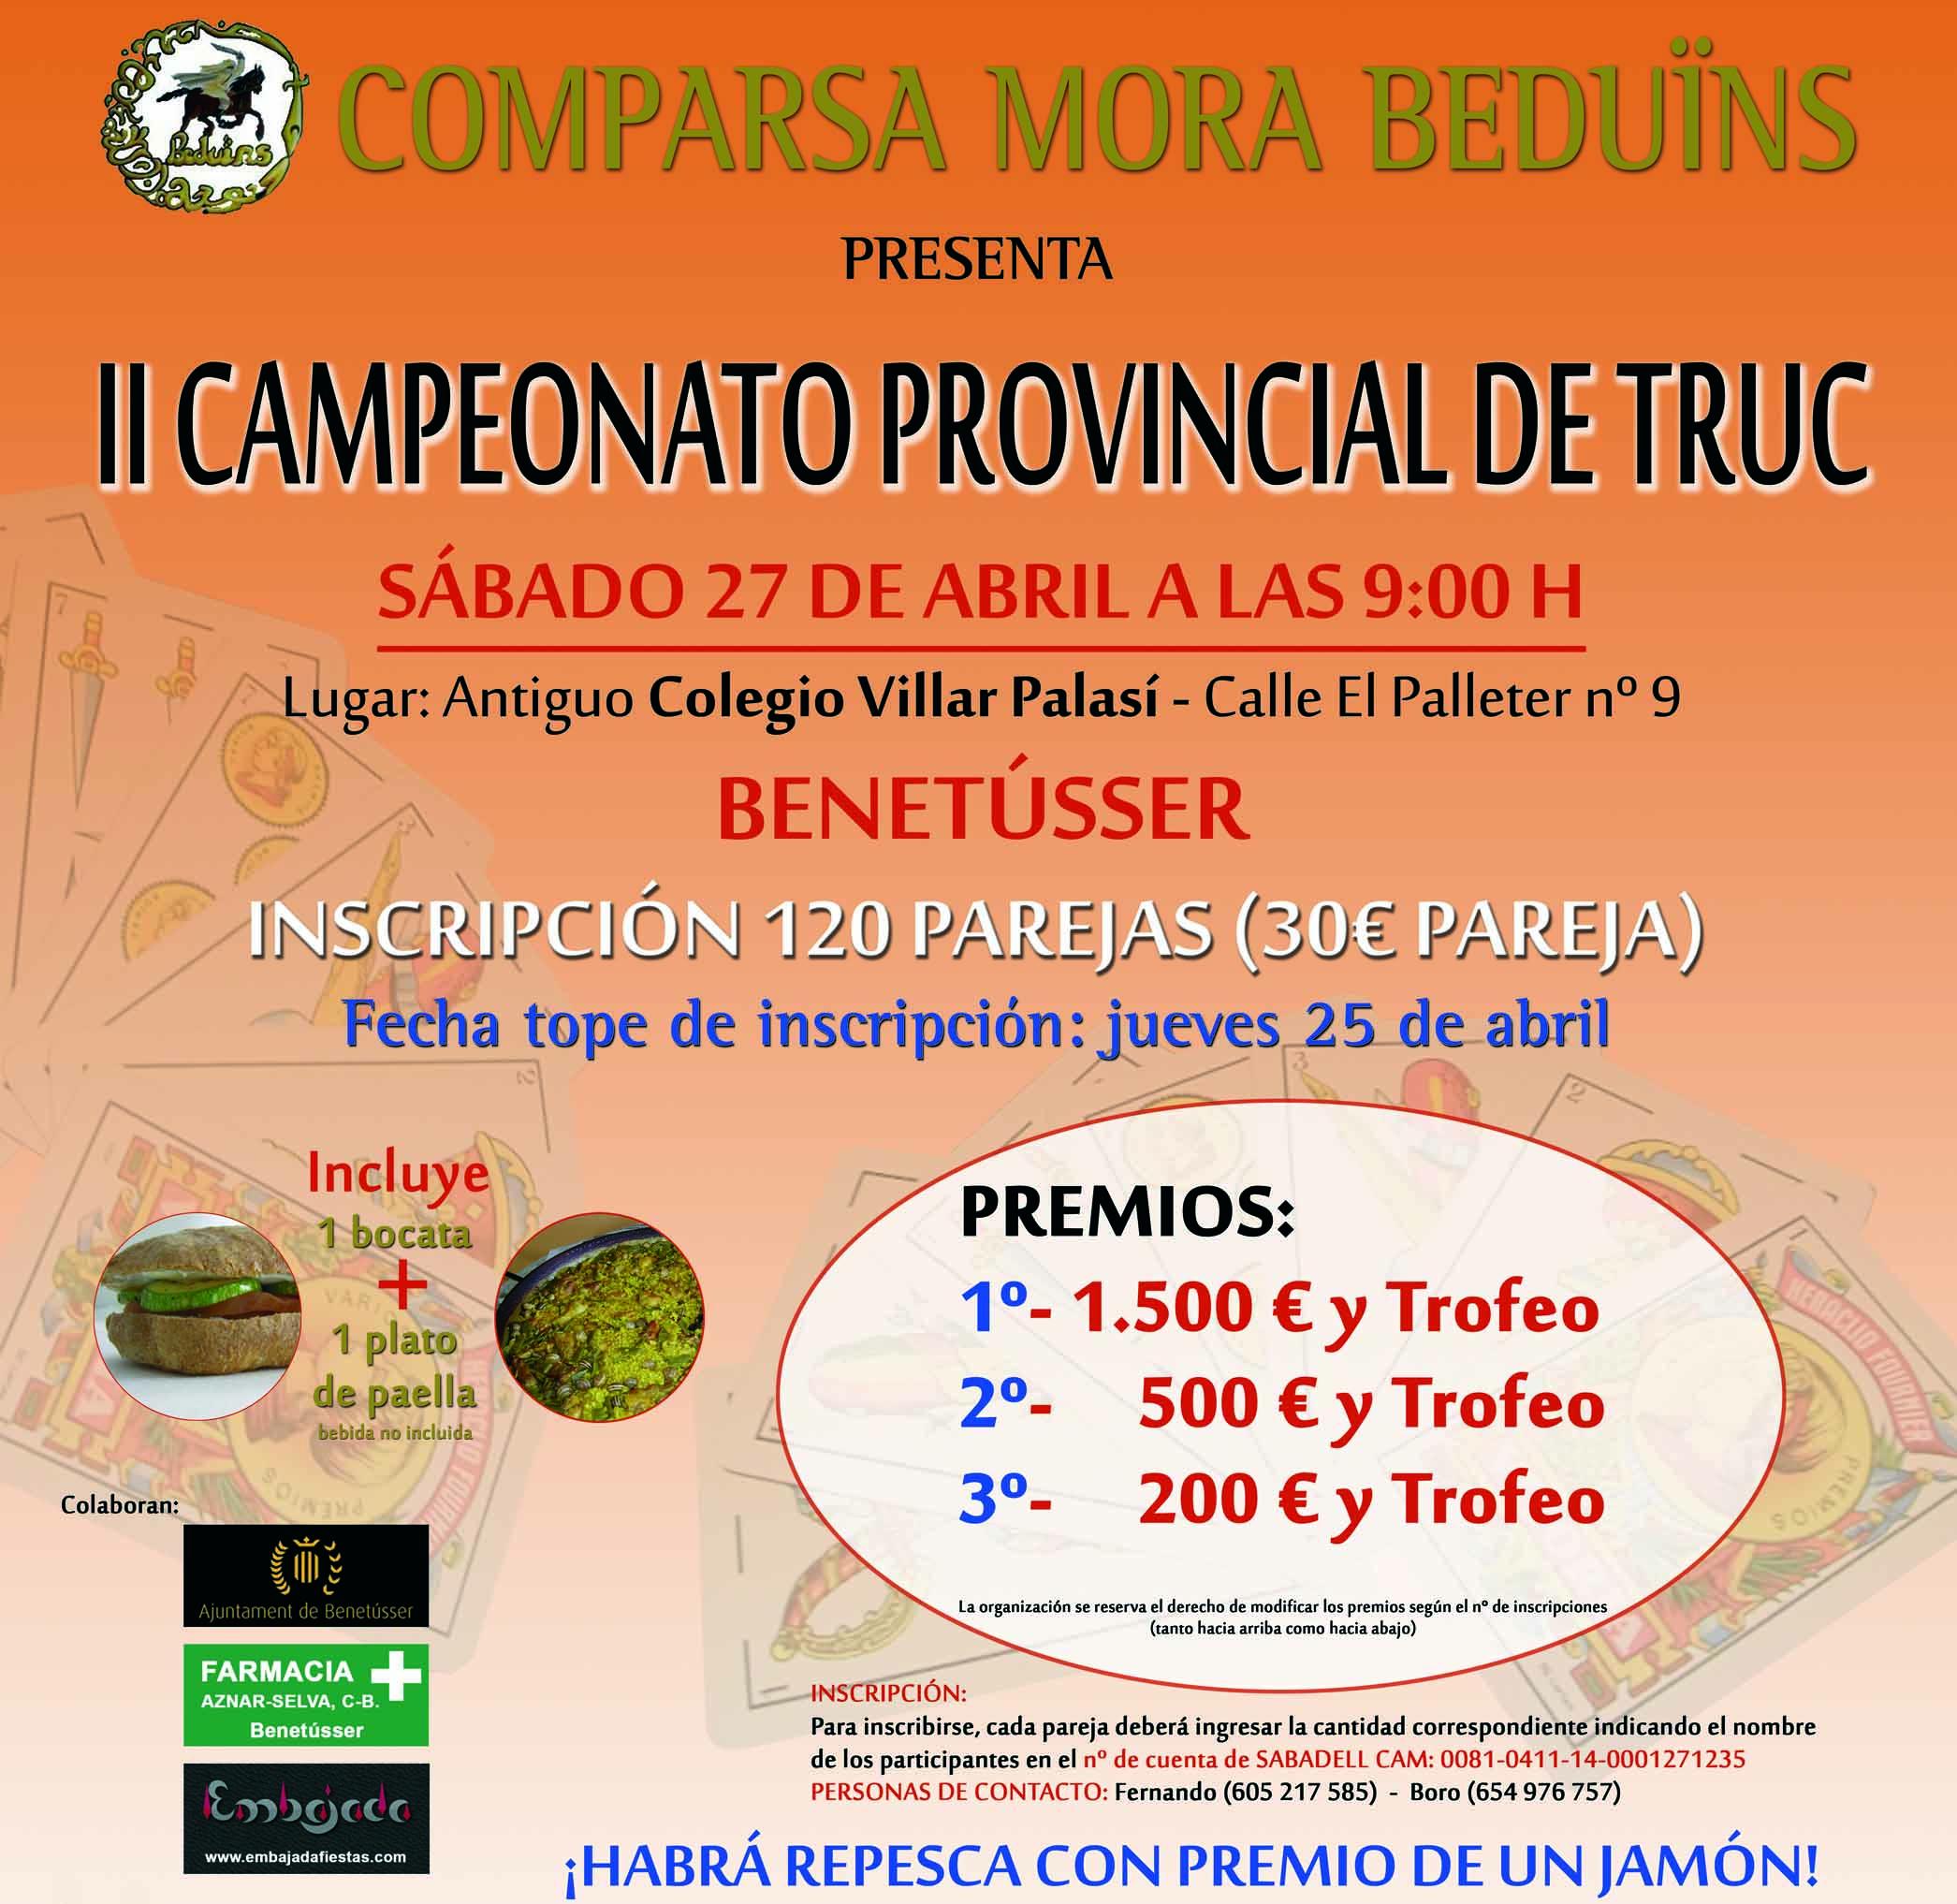 campeonato truc 2013 beduins